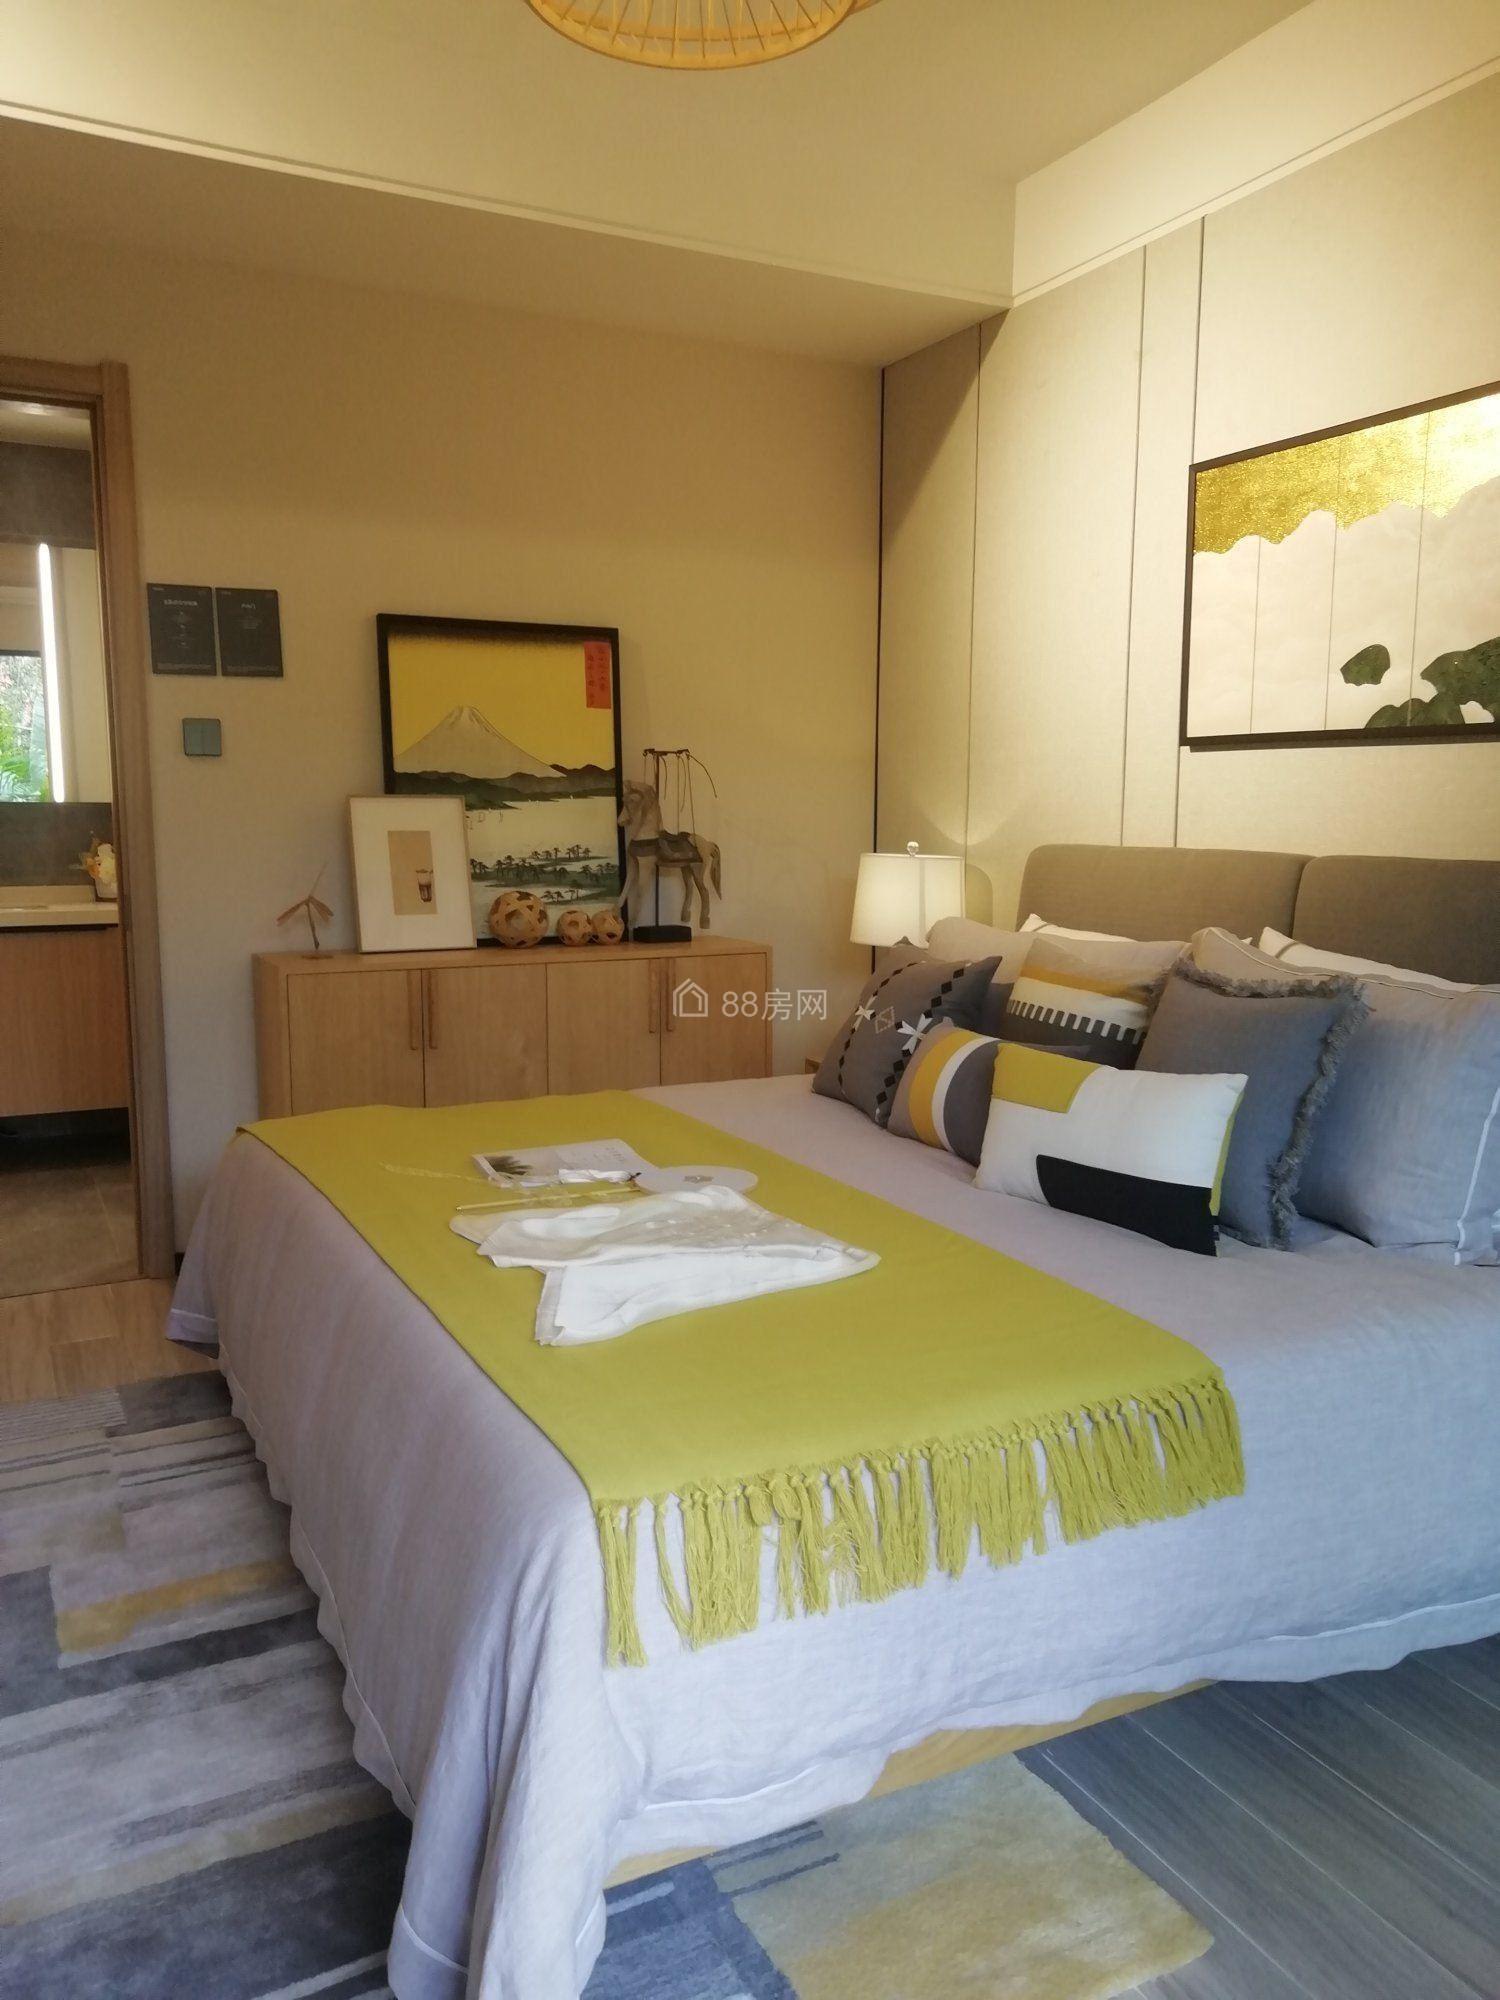 万科曼西缇 地处4A级旅游度假区 龙头房企 大品牌值得信赖